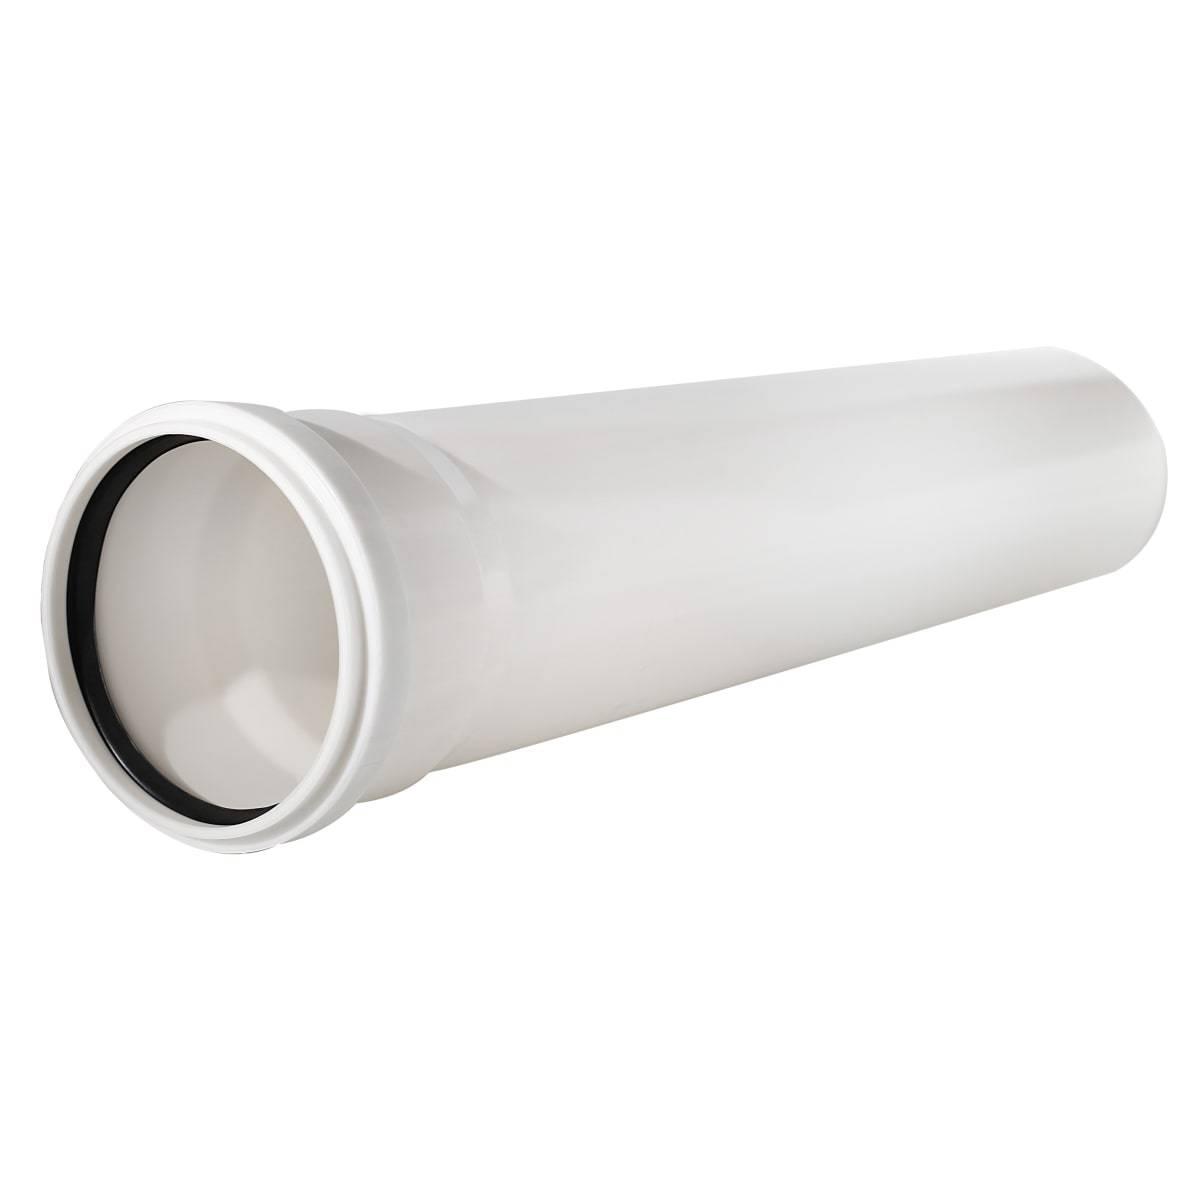 Бесшумные трубы для канализации: шумопоглощающие, малошумные